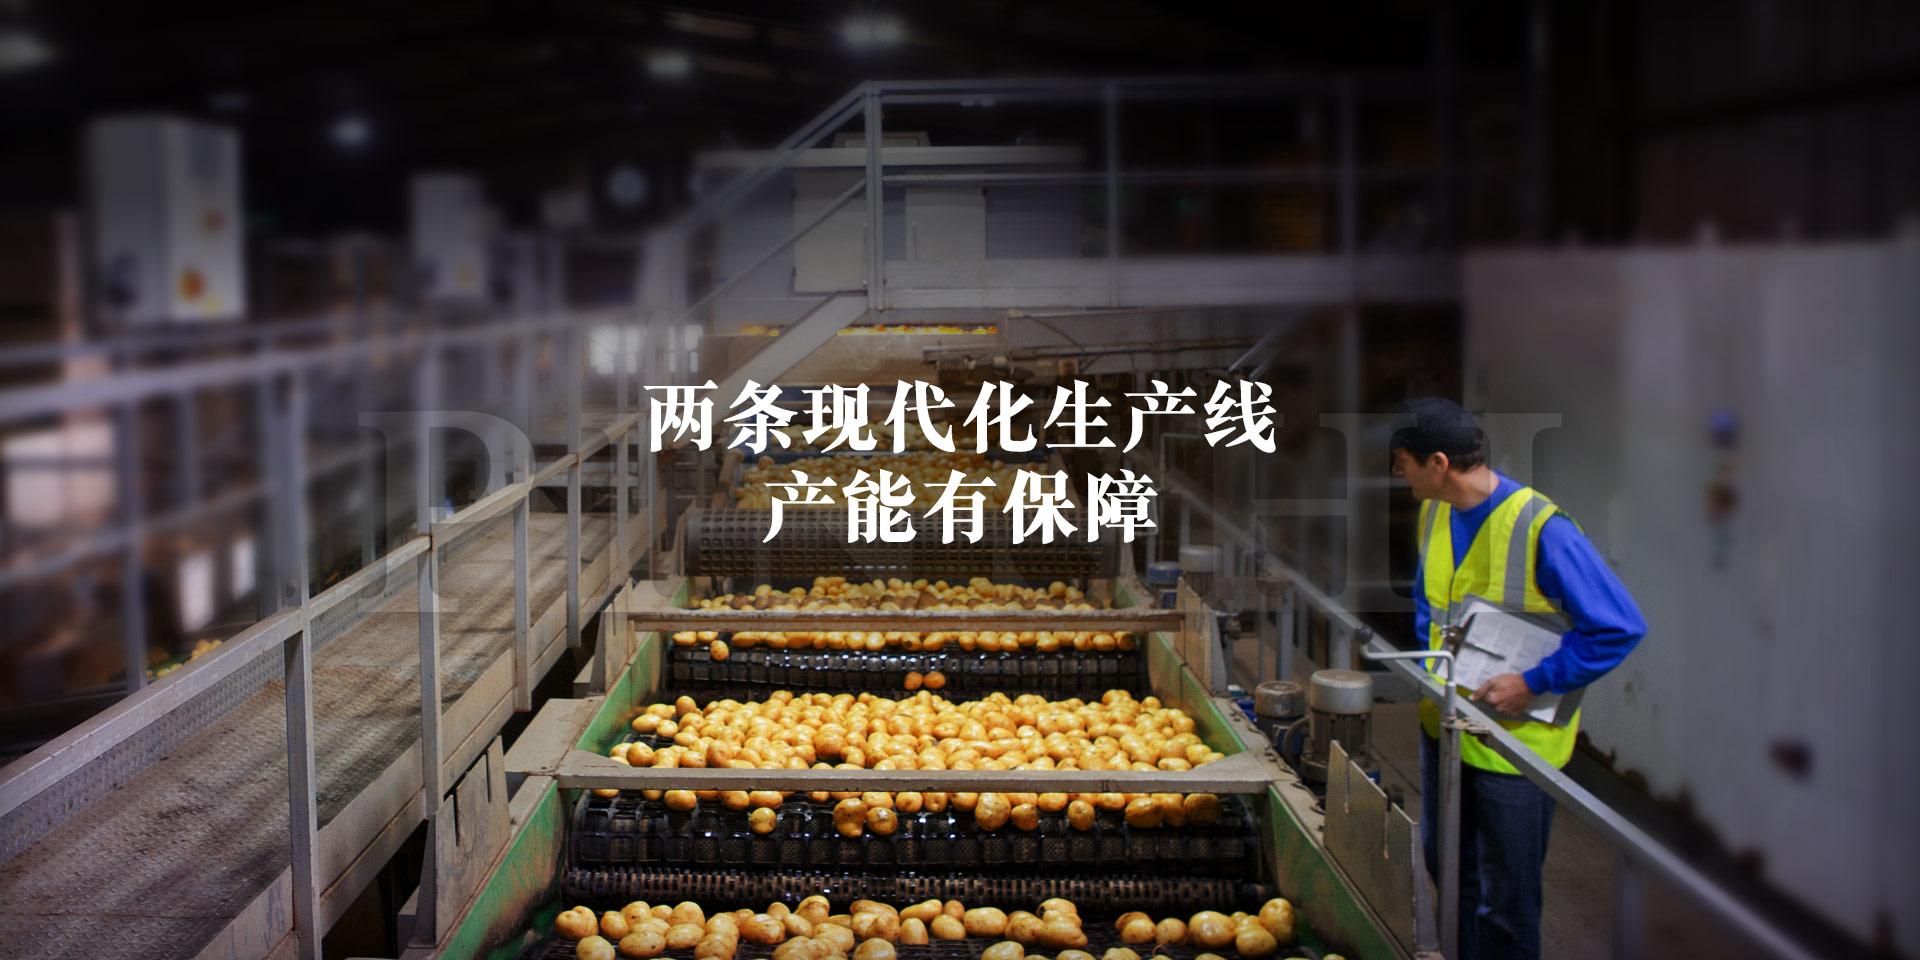 品世食品4条现代化生产线,产能有保障